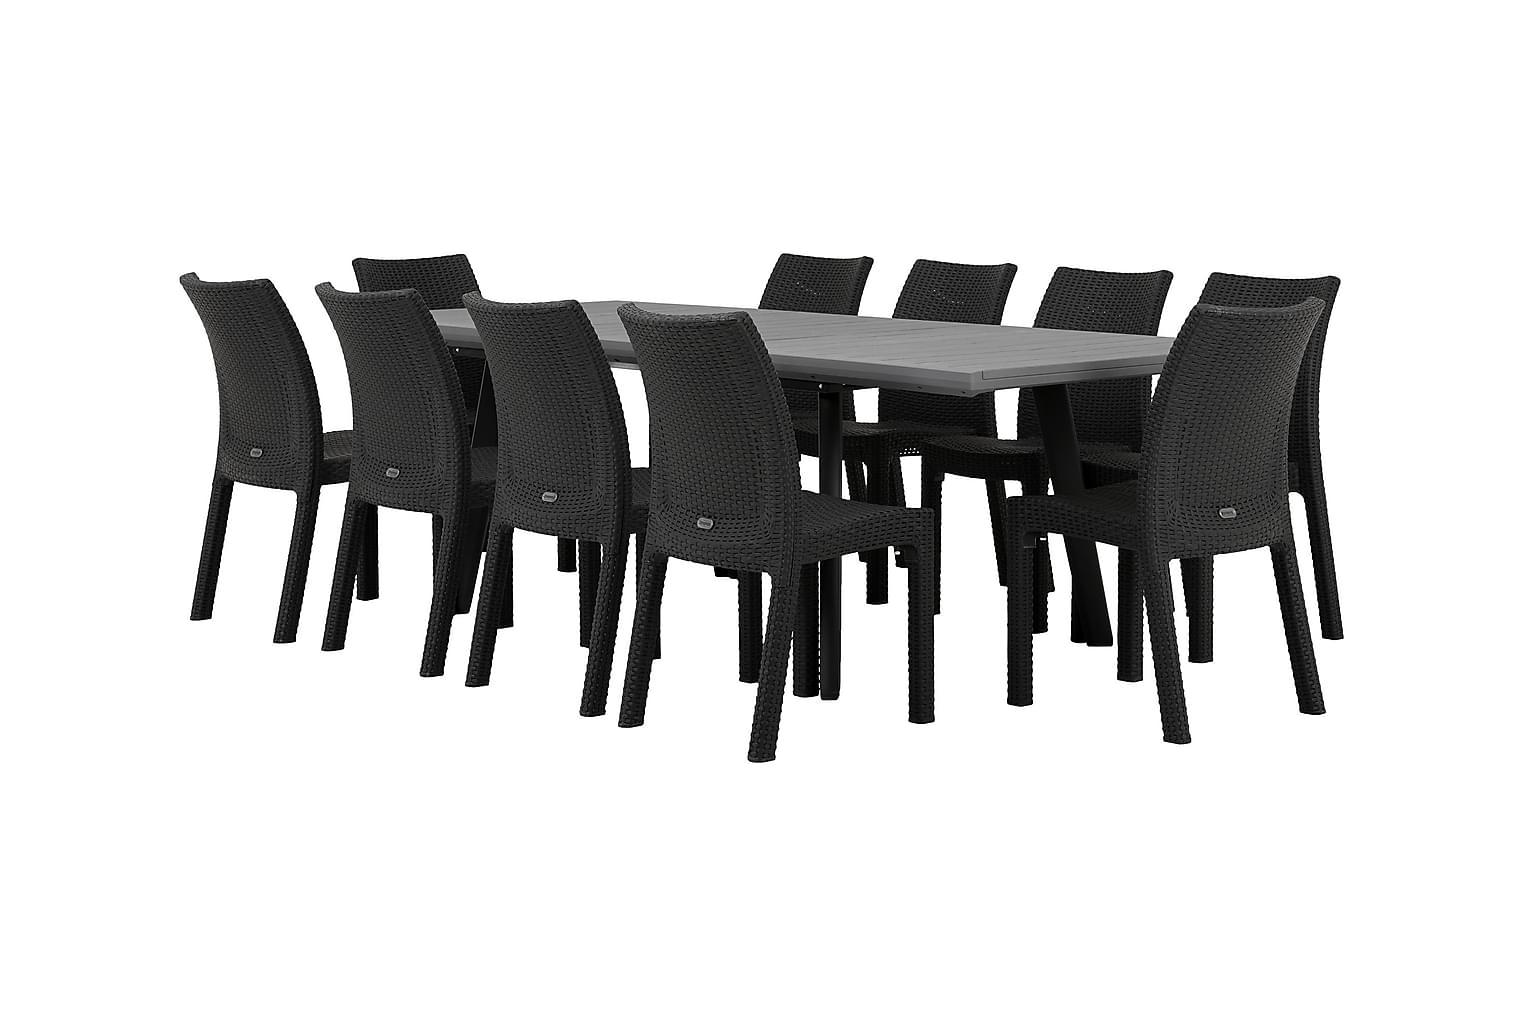 BILBAO Pöytä 162 Harmaa/Musta + 10 DREW Tuolia Musta